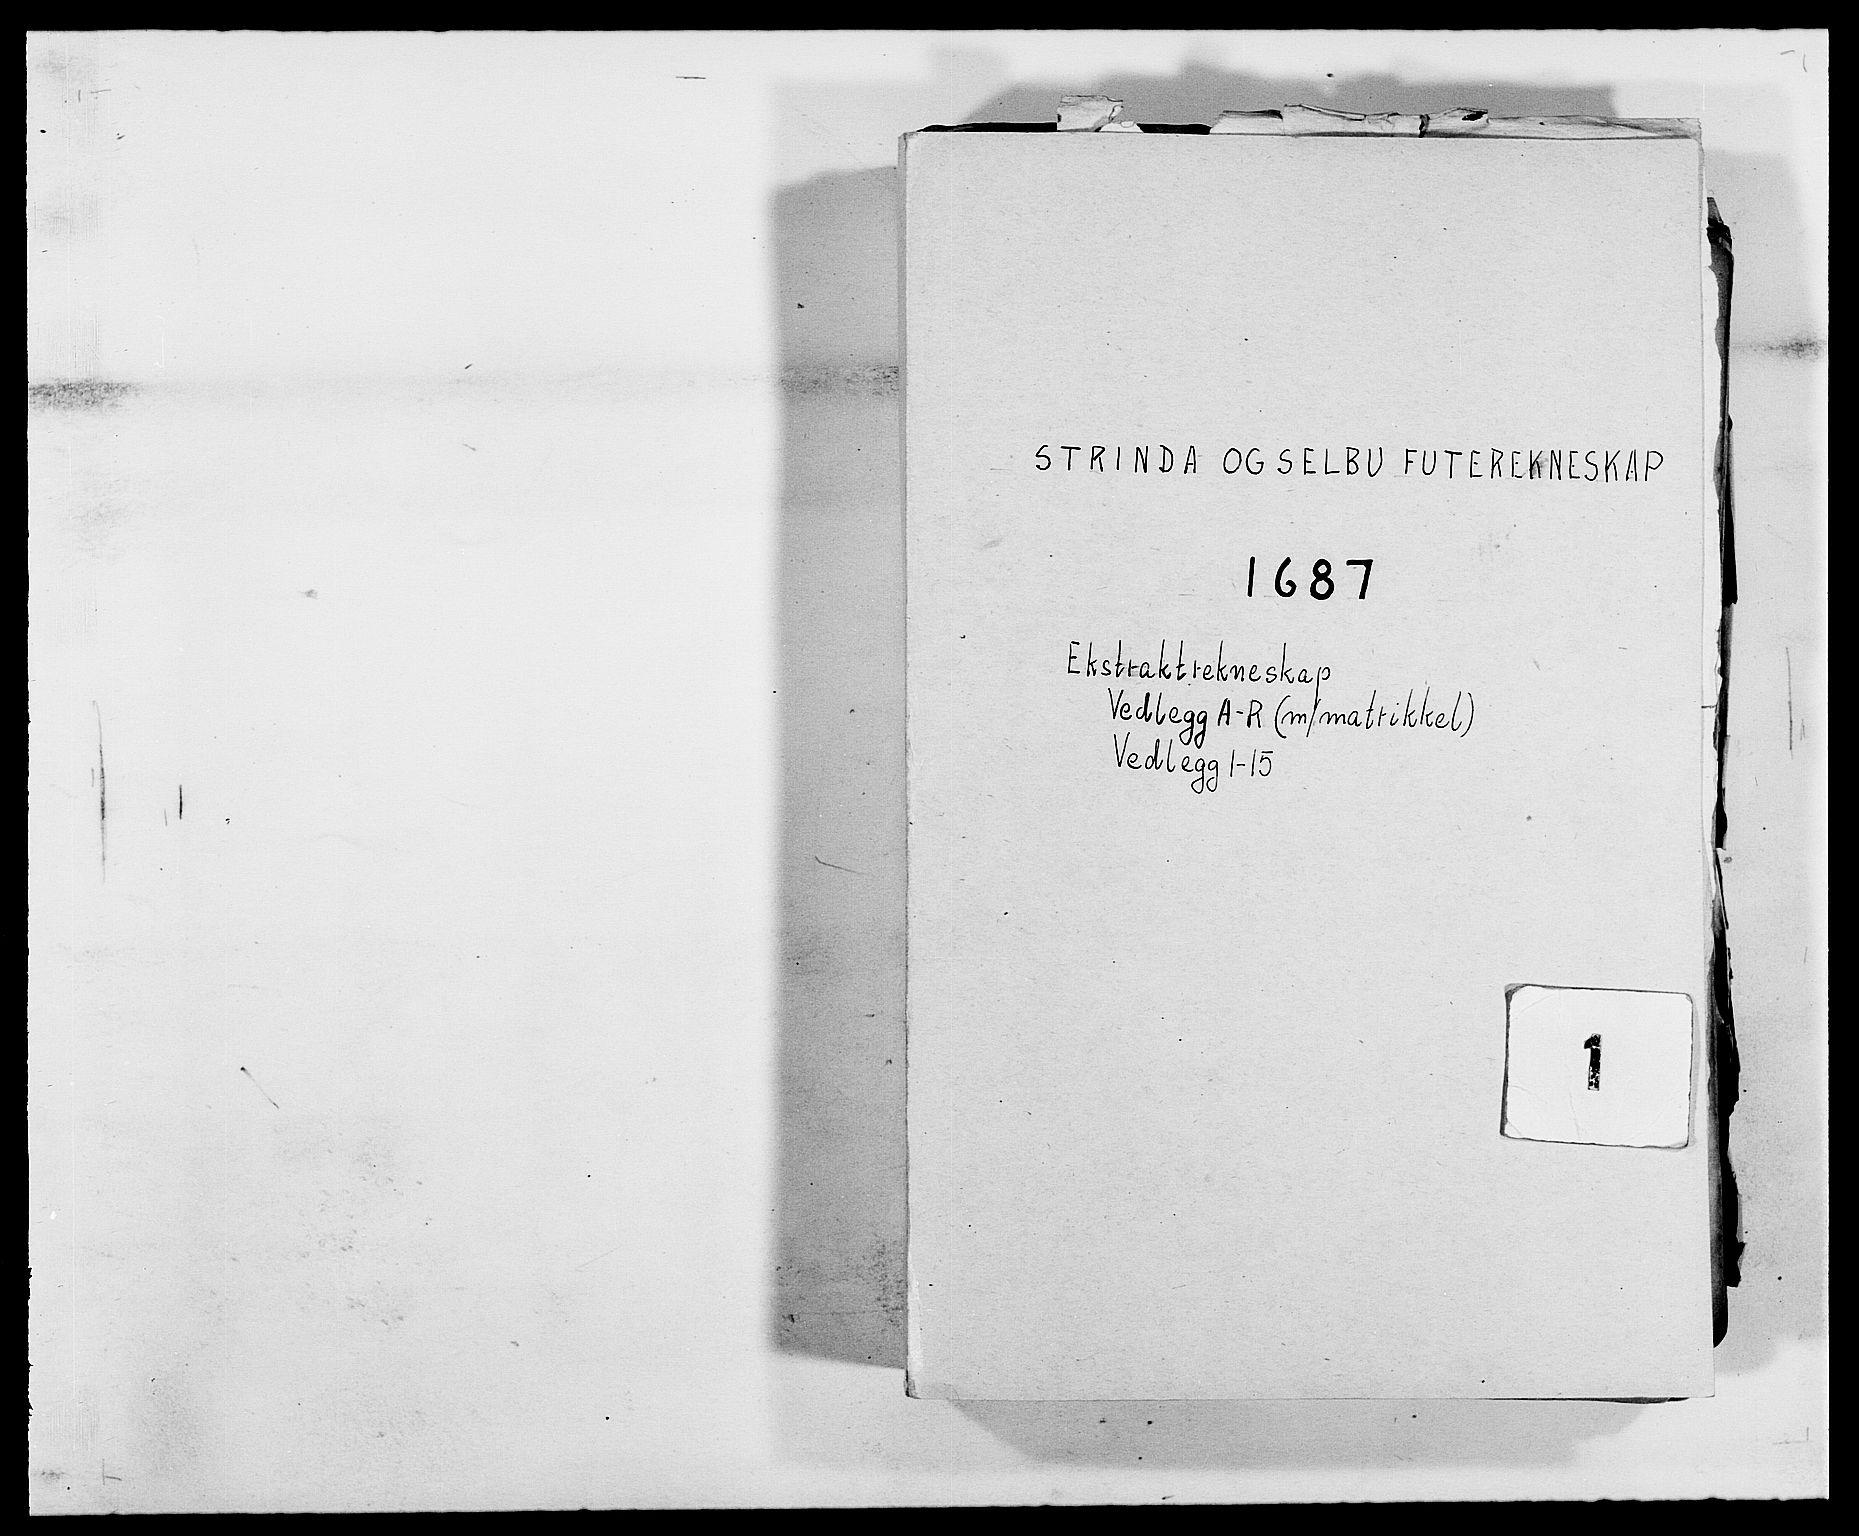 RA, Rentekammeret inntil 1814, Reviderte regnskaper, Fogderegnskap, R61/L4101: Fogderegnskap Strinda og Selbu, 1687-1688, s. 1